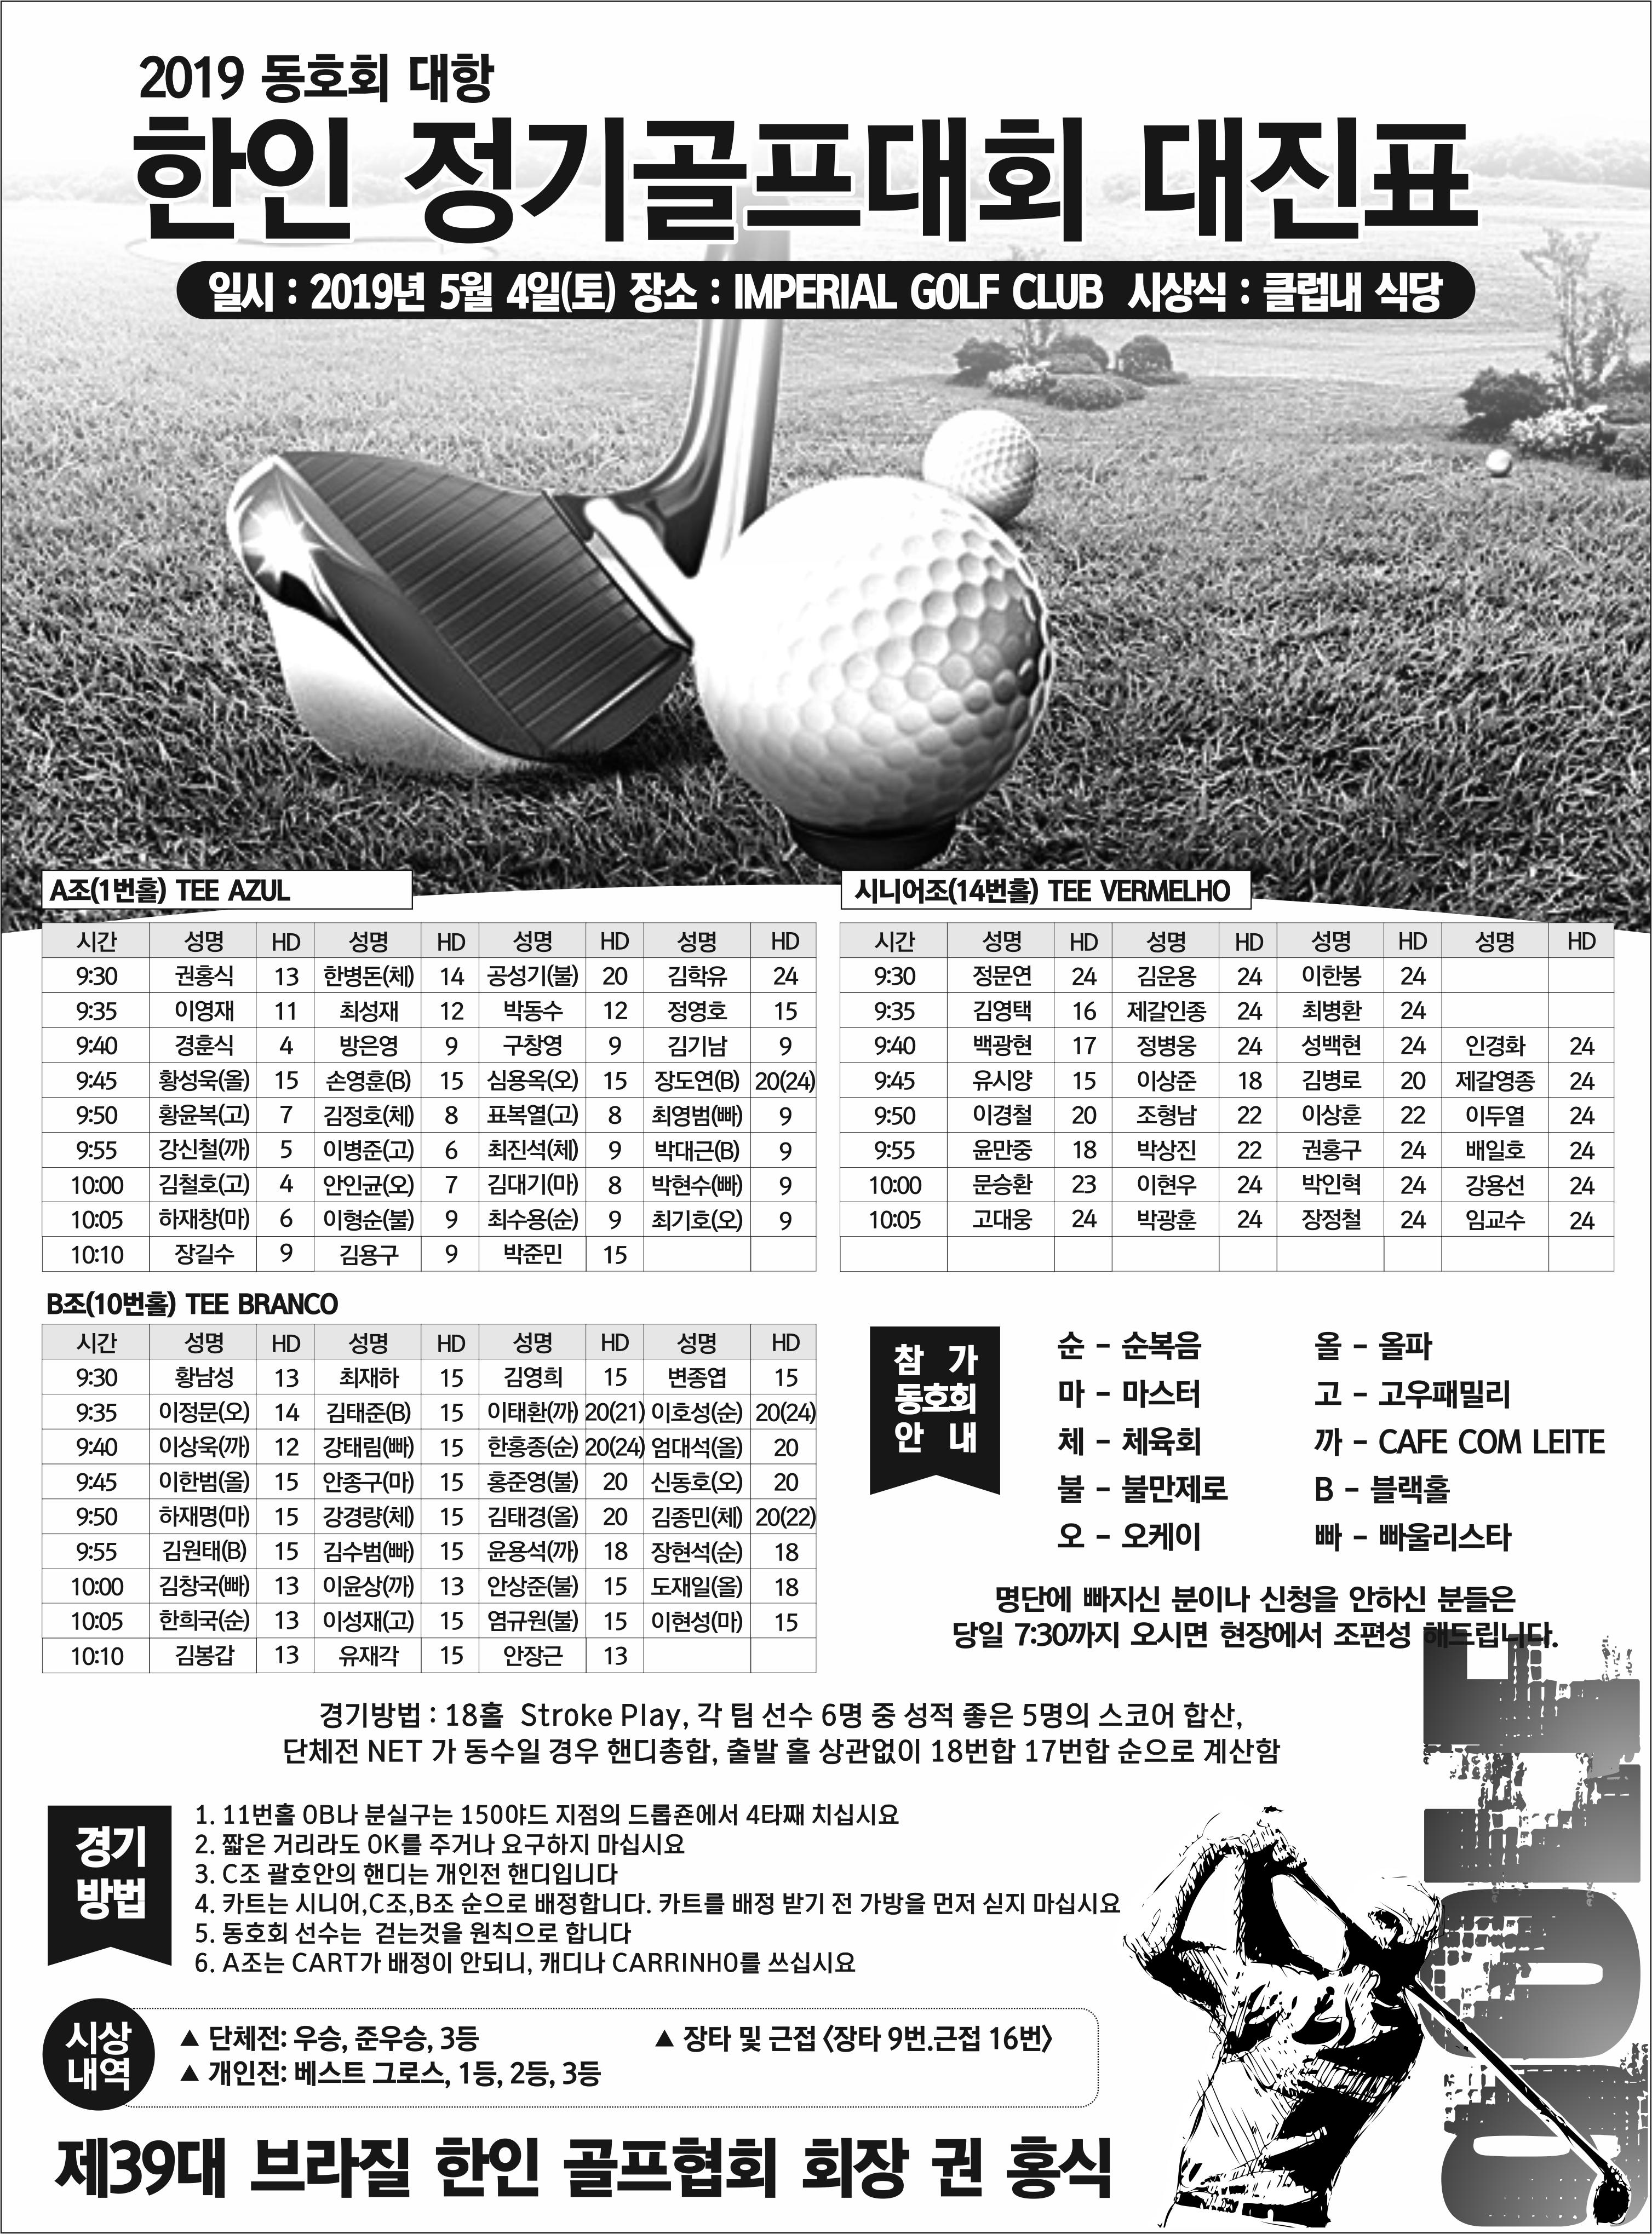 237_골프대회대진표_단체.jpg